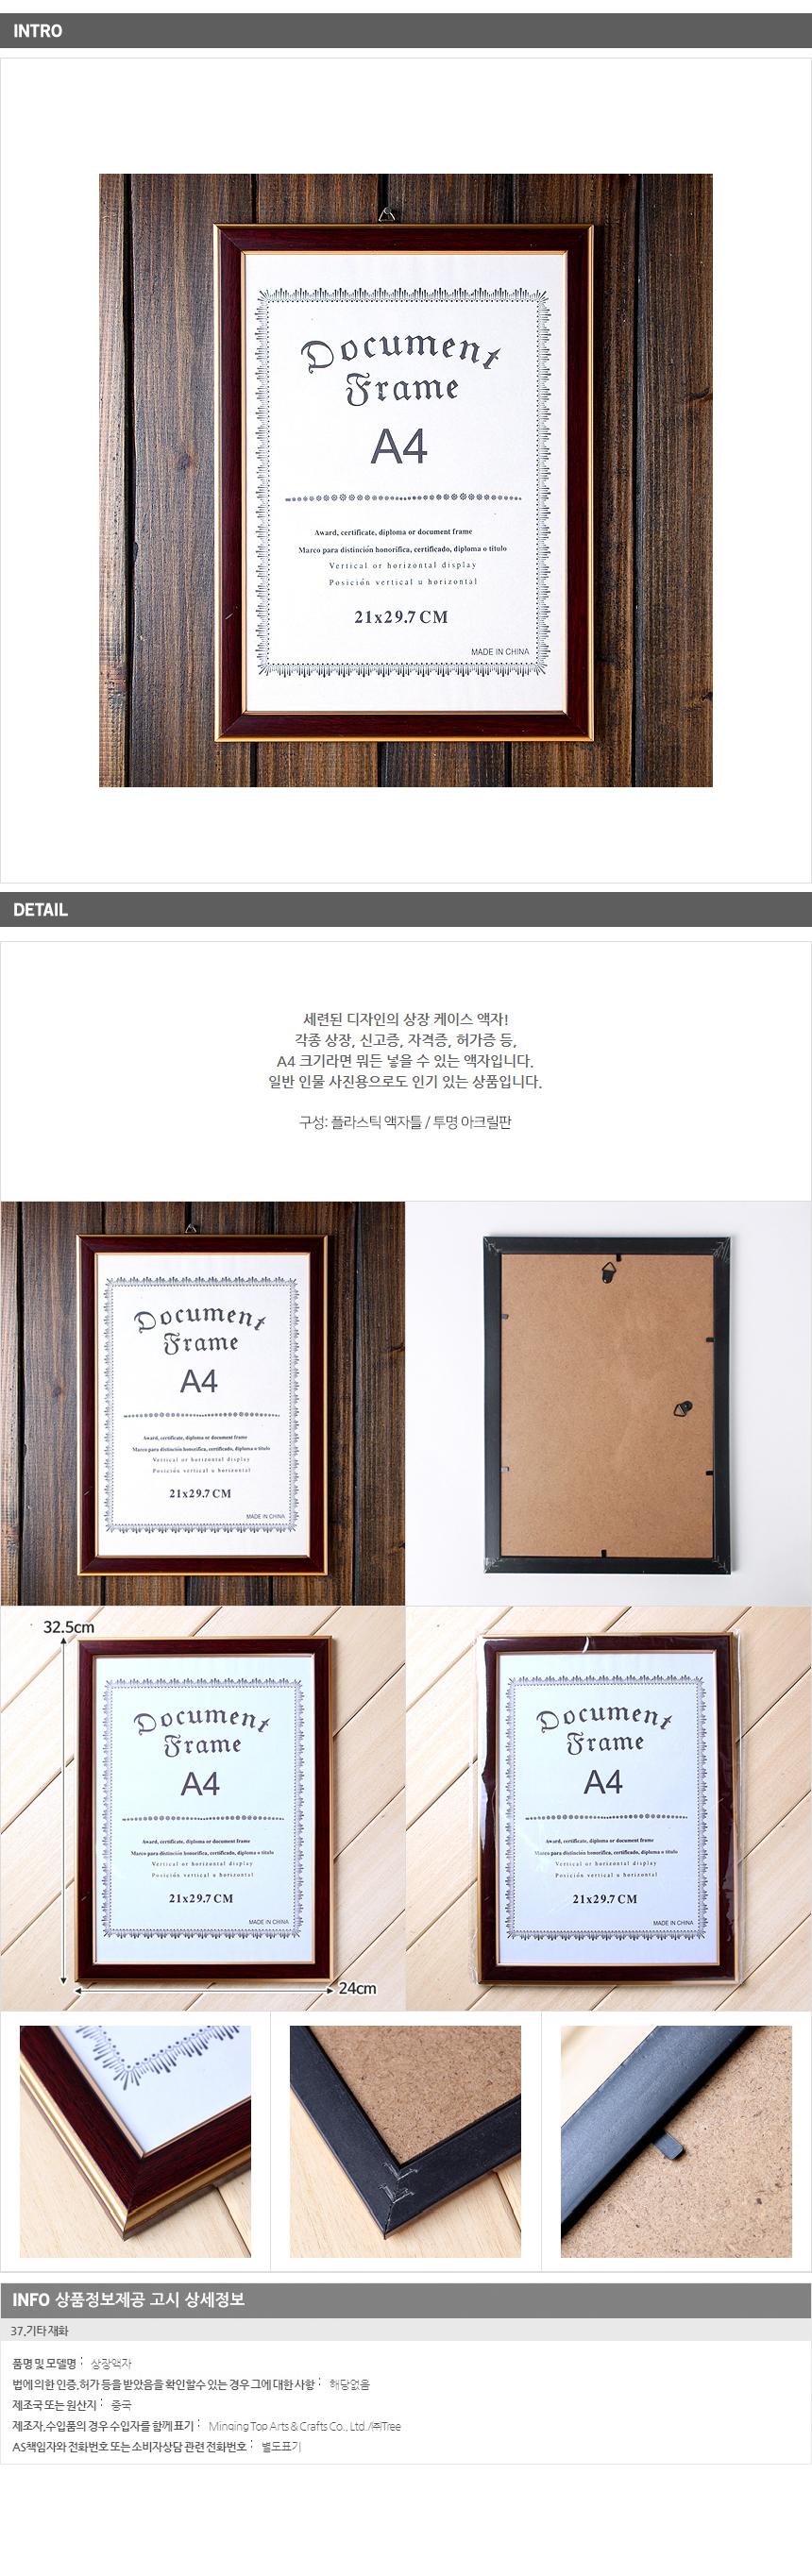 A4 허가증 상장액자/업소 증명용 상장케이스 사진액자 - 기프트갓, 3,250원, 액자, 벽걸이액자